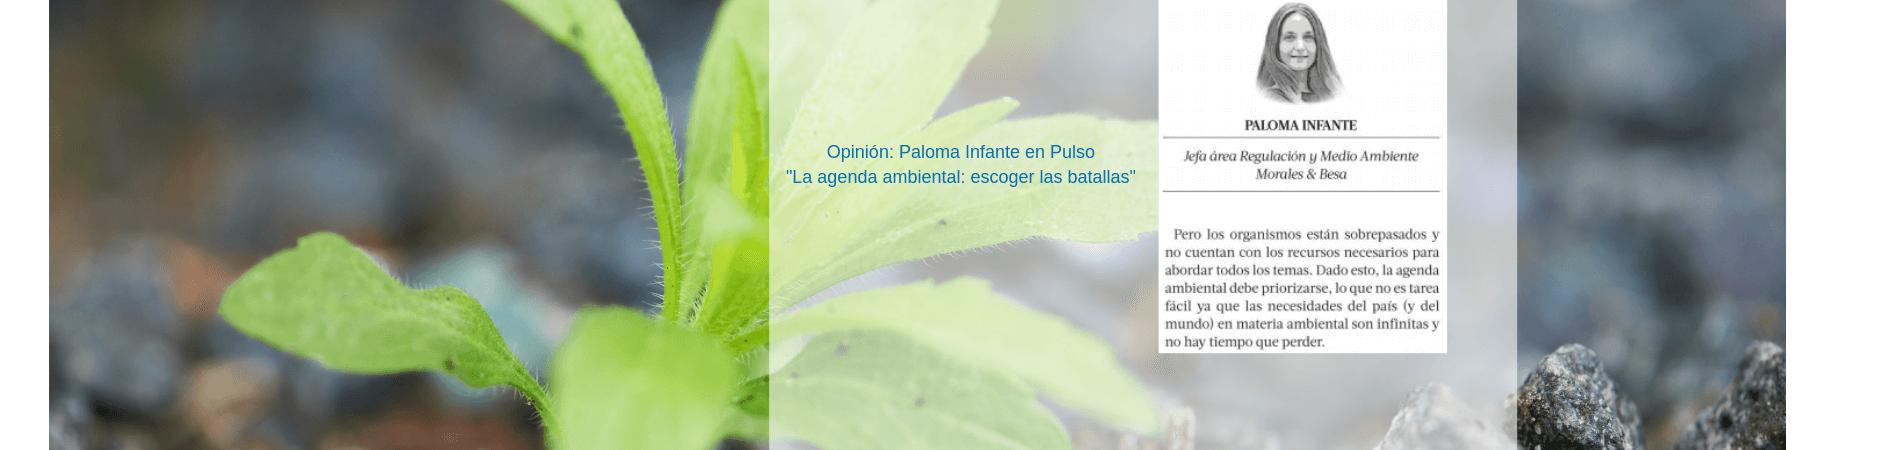 """Opinión: Paloma Infante en Pulso con """"La agenda ambiental: escoger las batallas"""""""